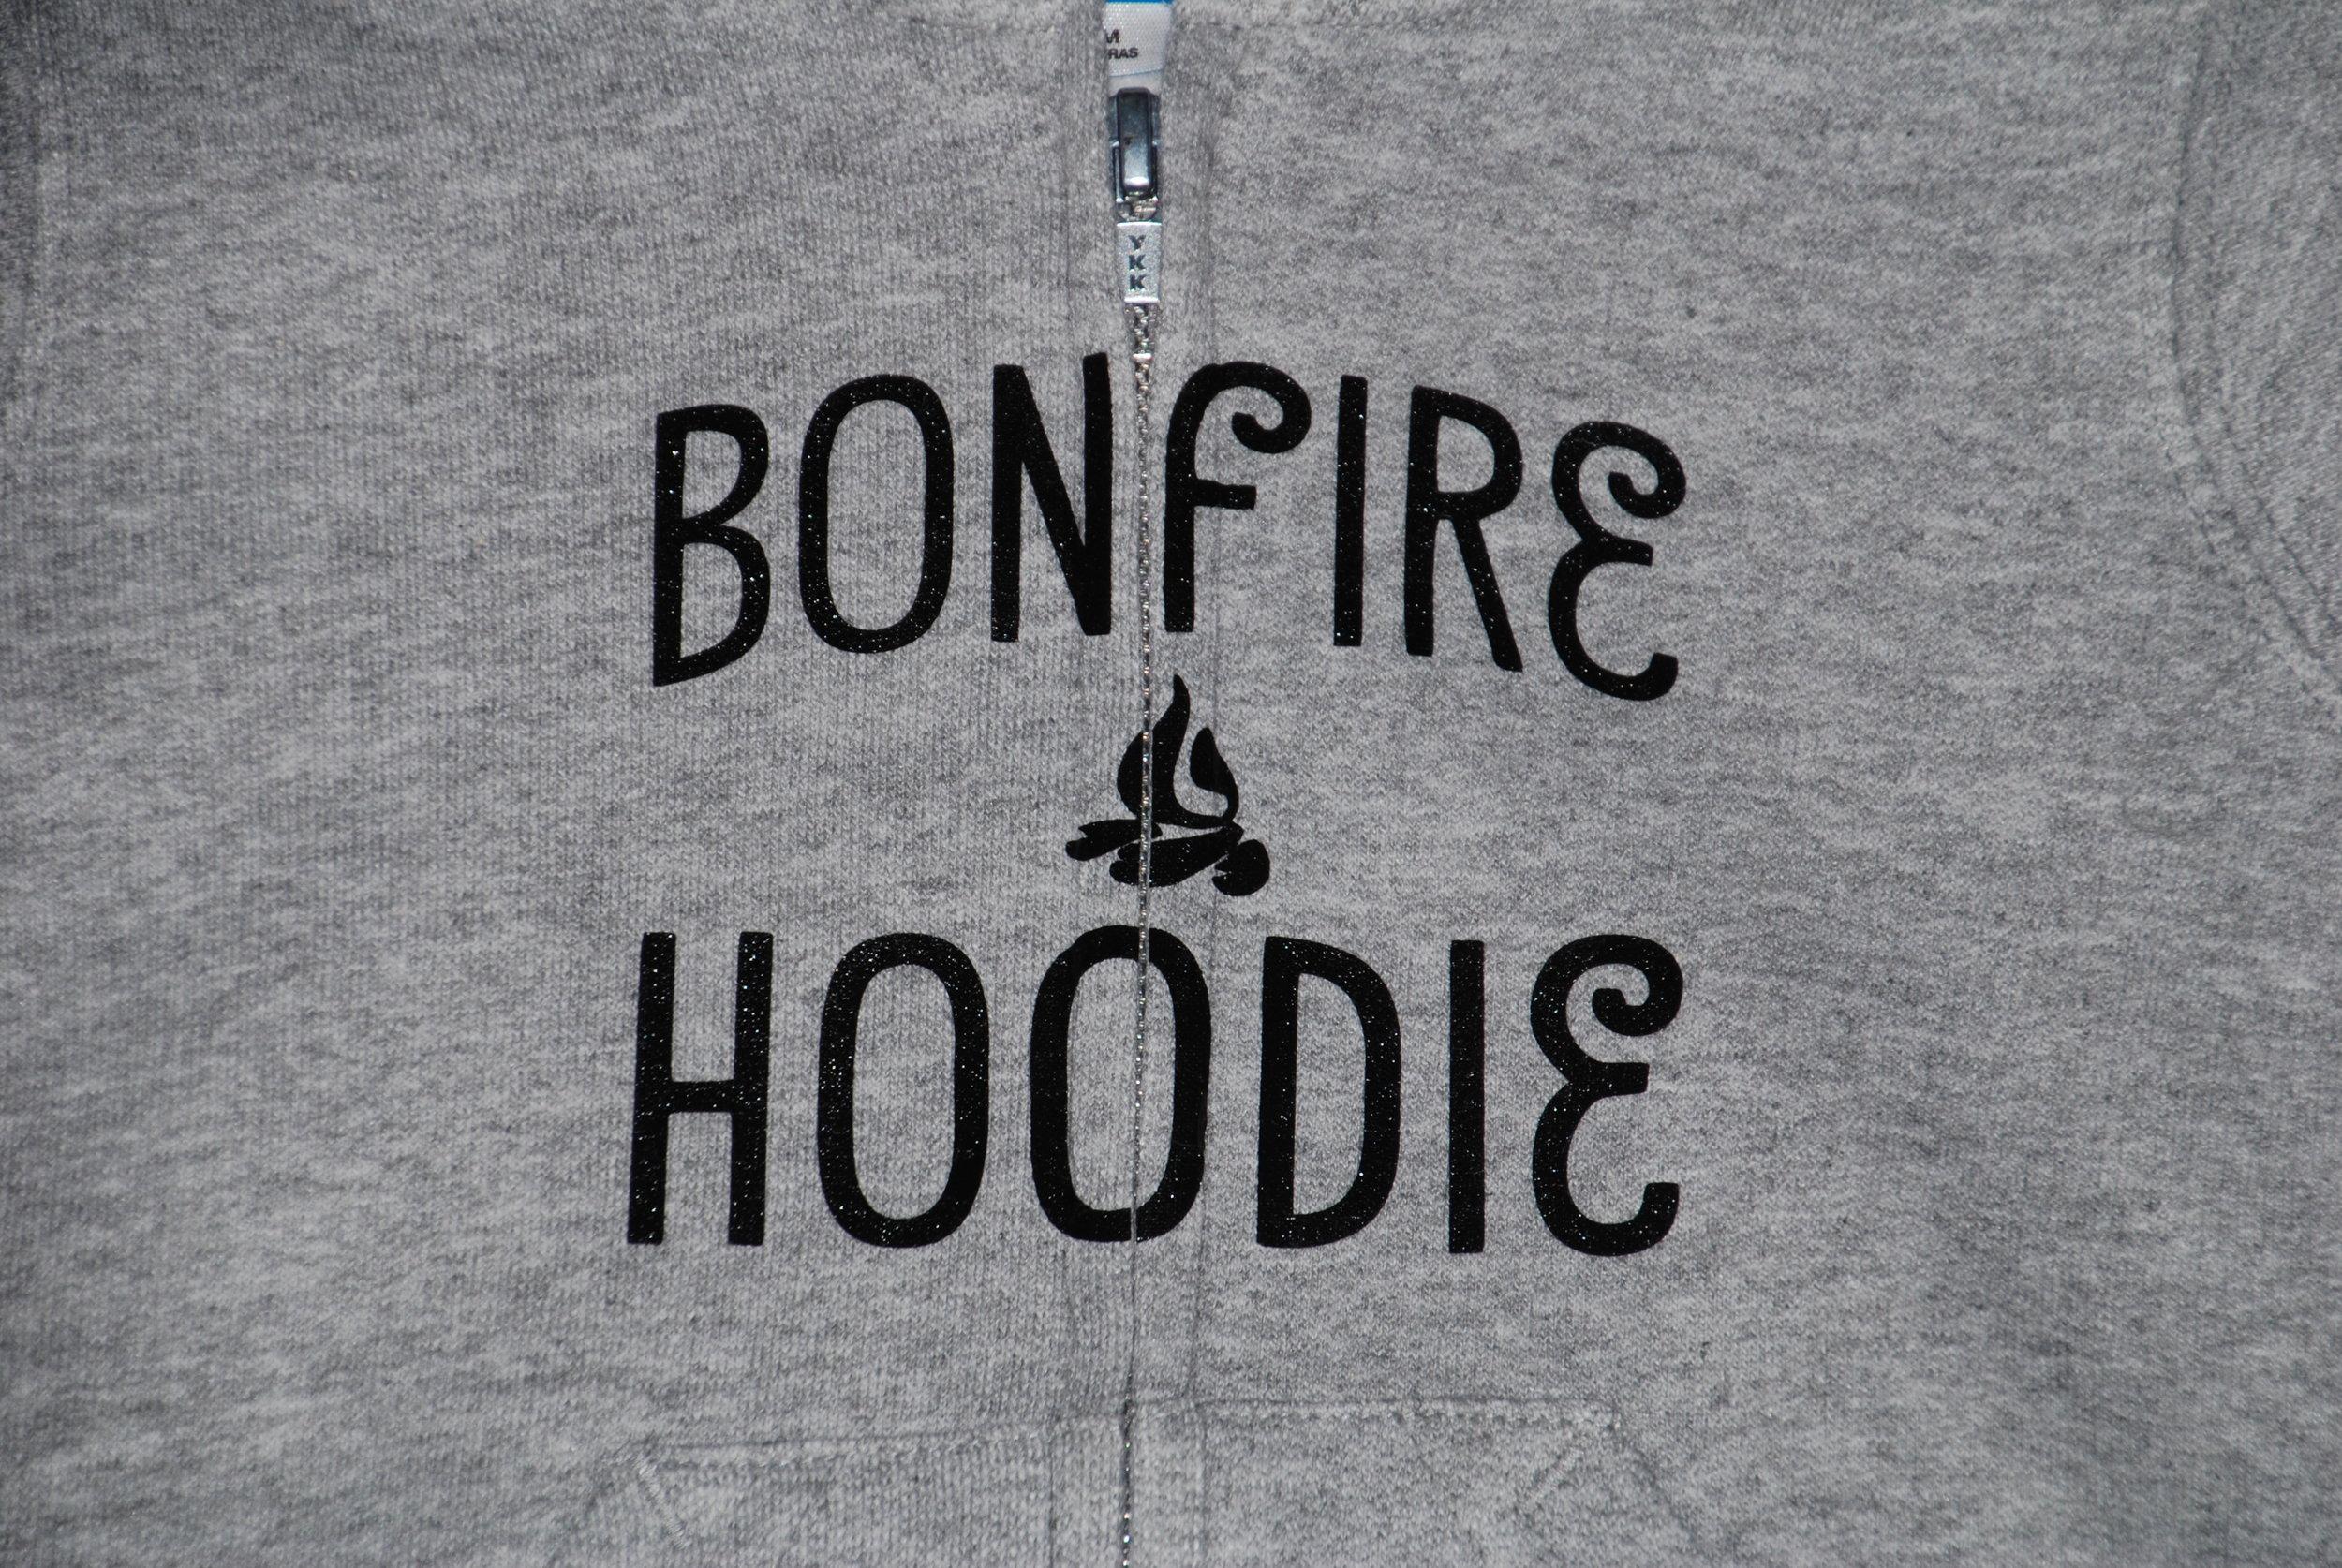 BonfireHoodie_child's zip front_2.JPG